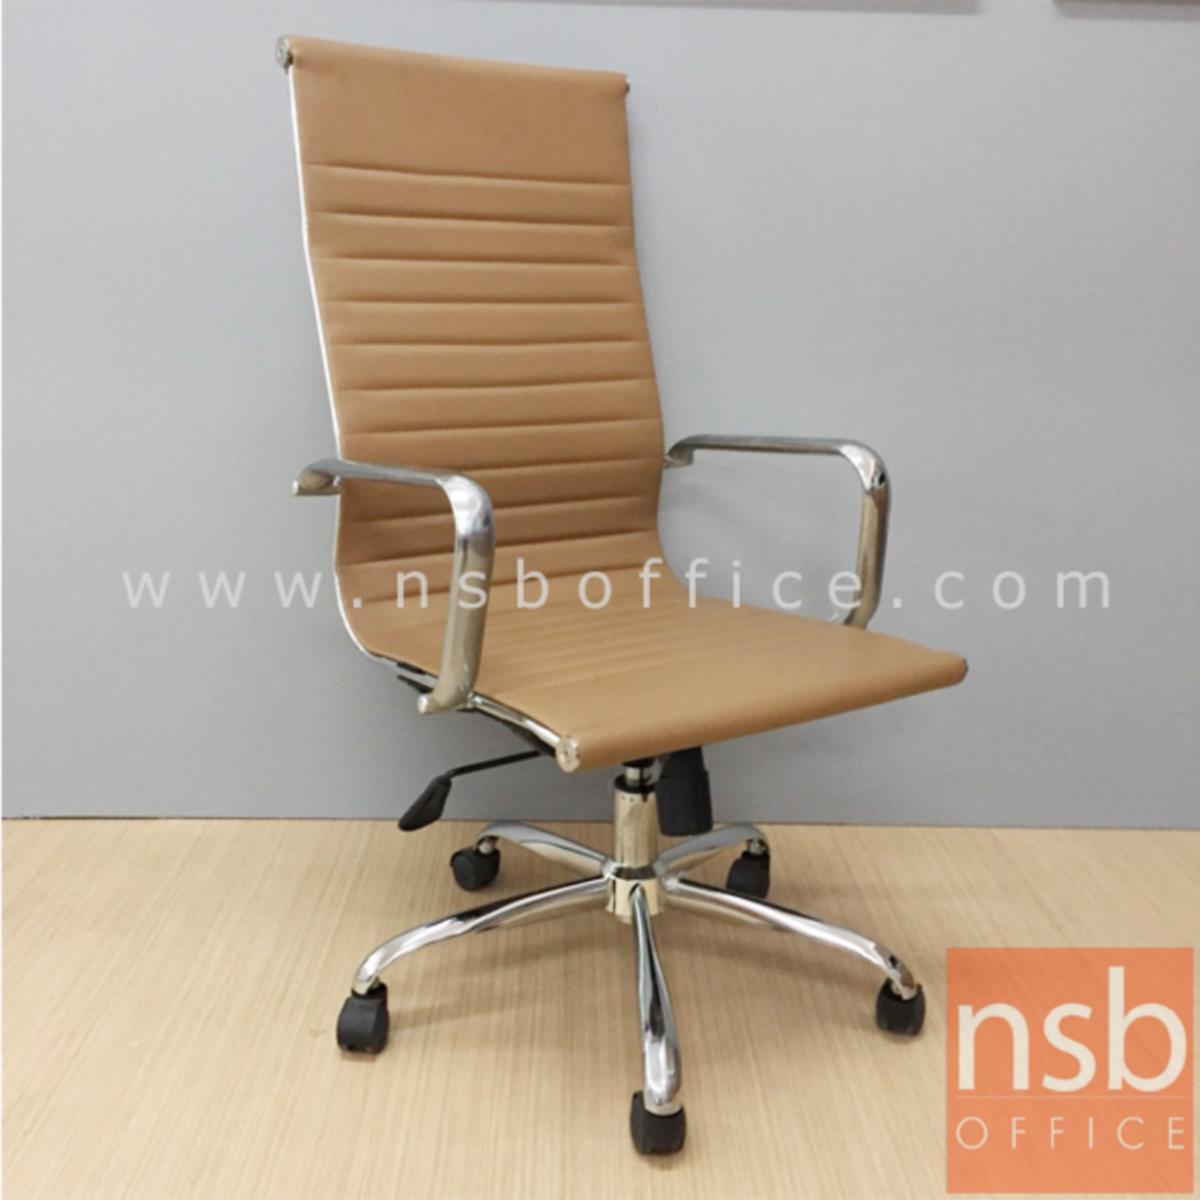 เก้าอี้ผู้บริหาร รุ่น Tiara (เทียร่า)  โช๊คแก๊ส มีก้อนโยก ขาเหล็กชุบโครเมี่ยม